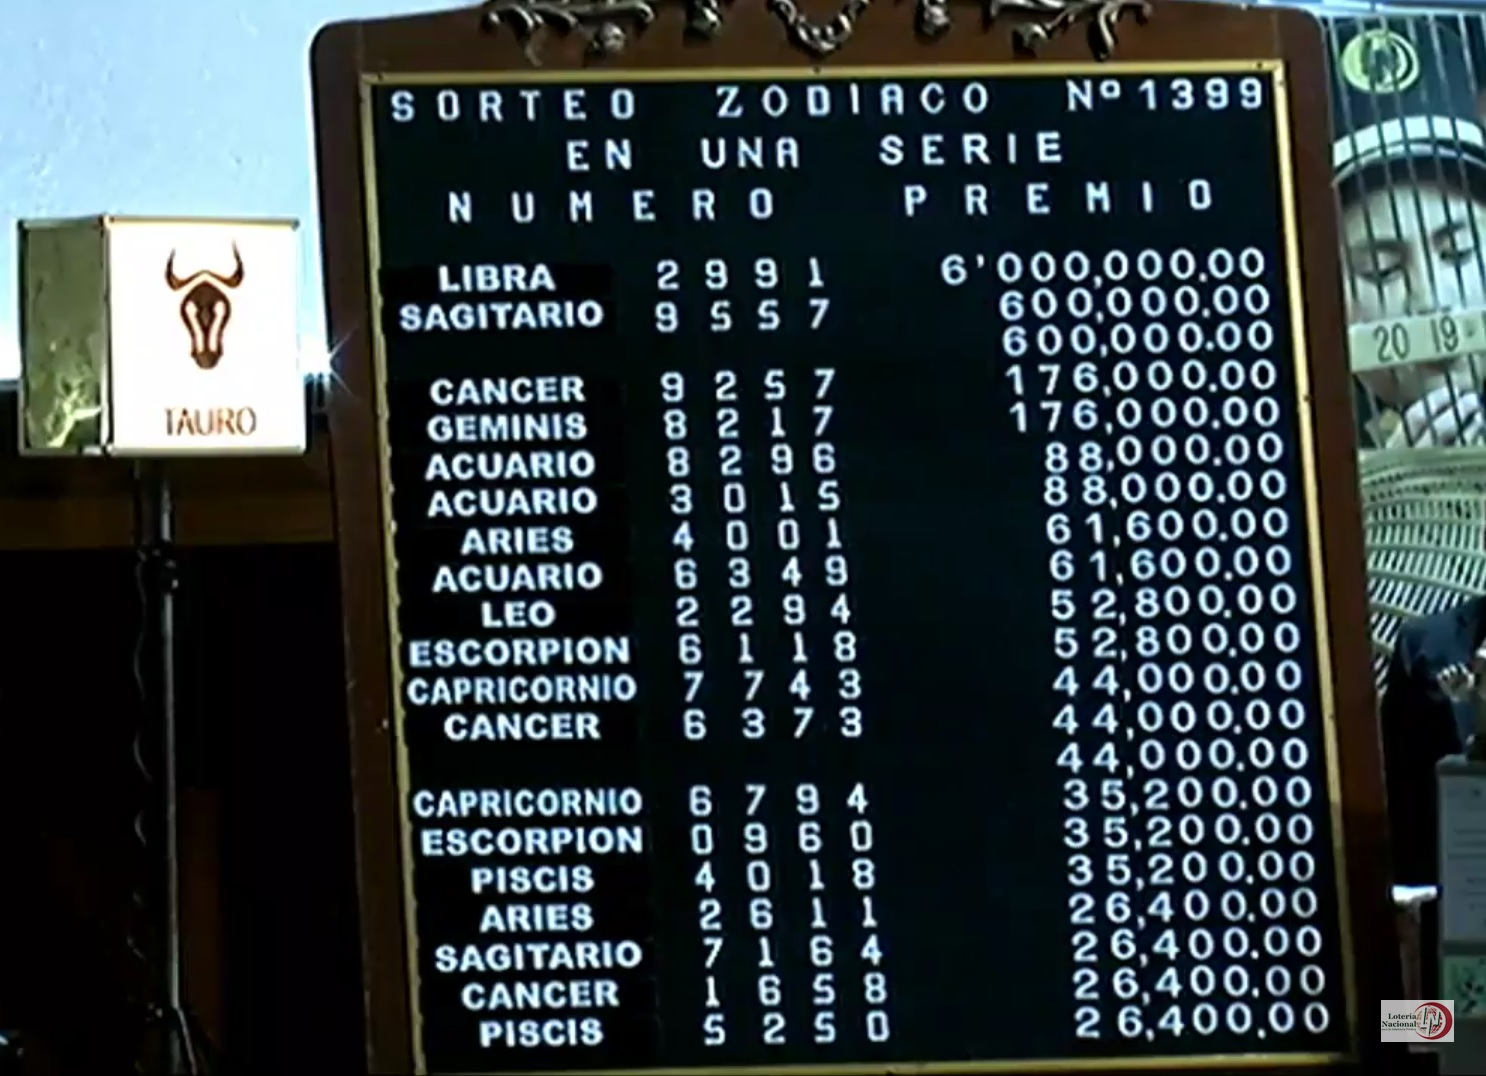 Resultados sorteo zodiaco 1399